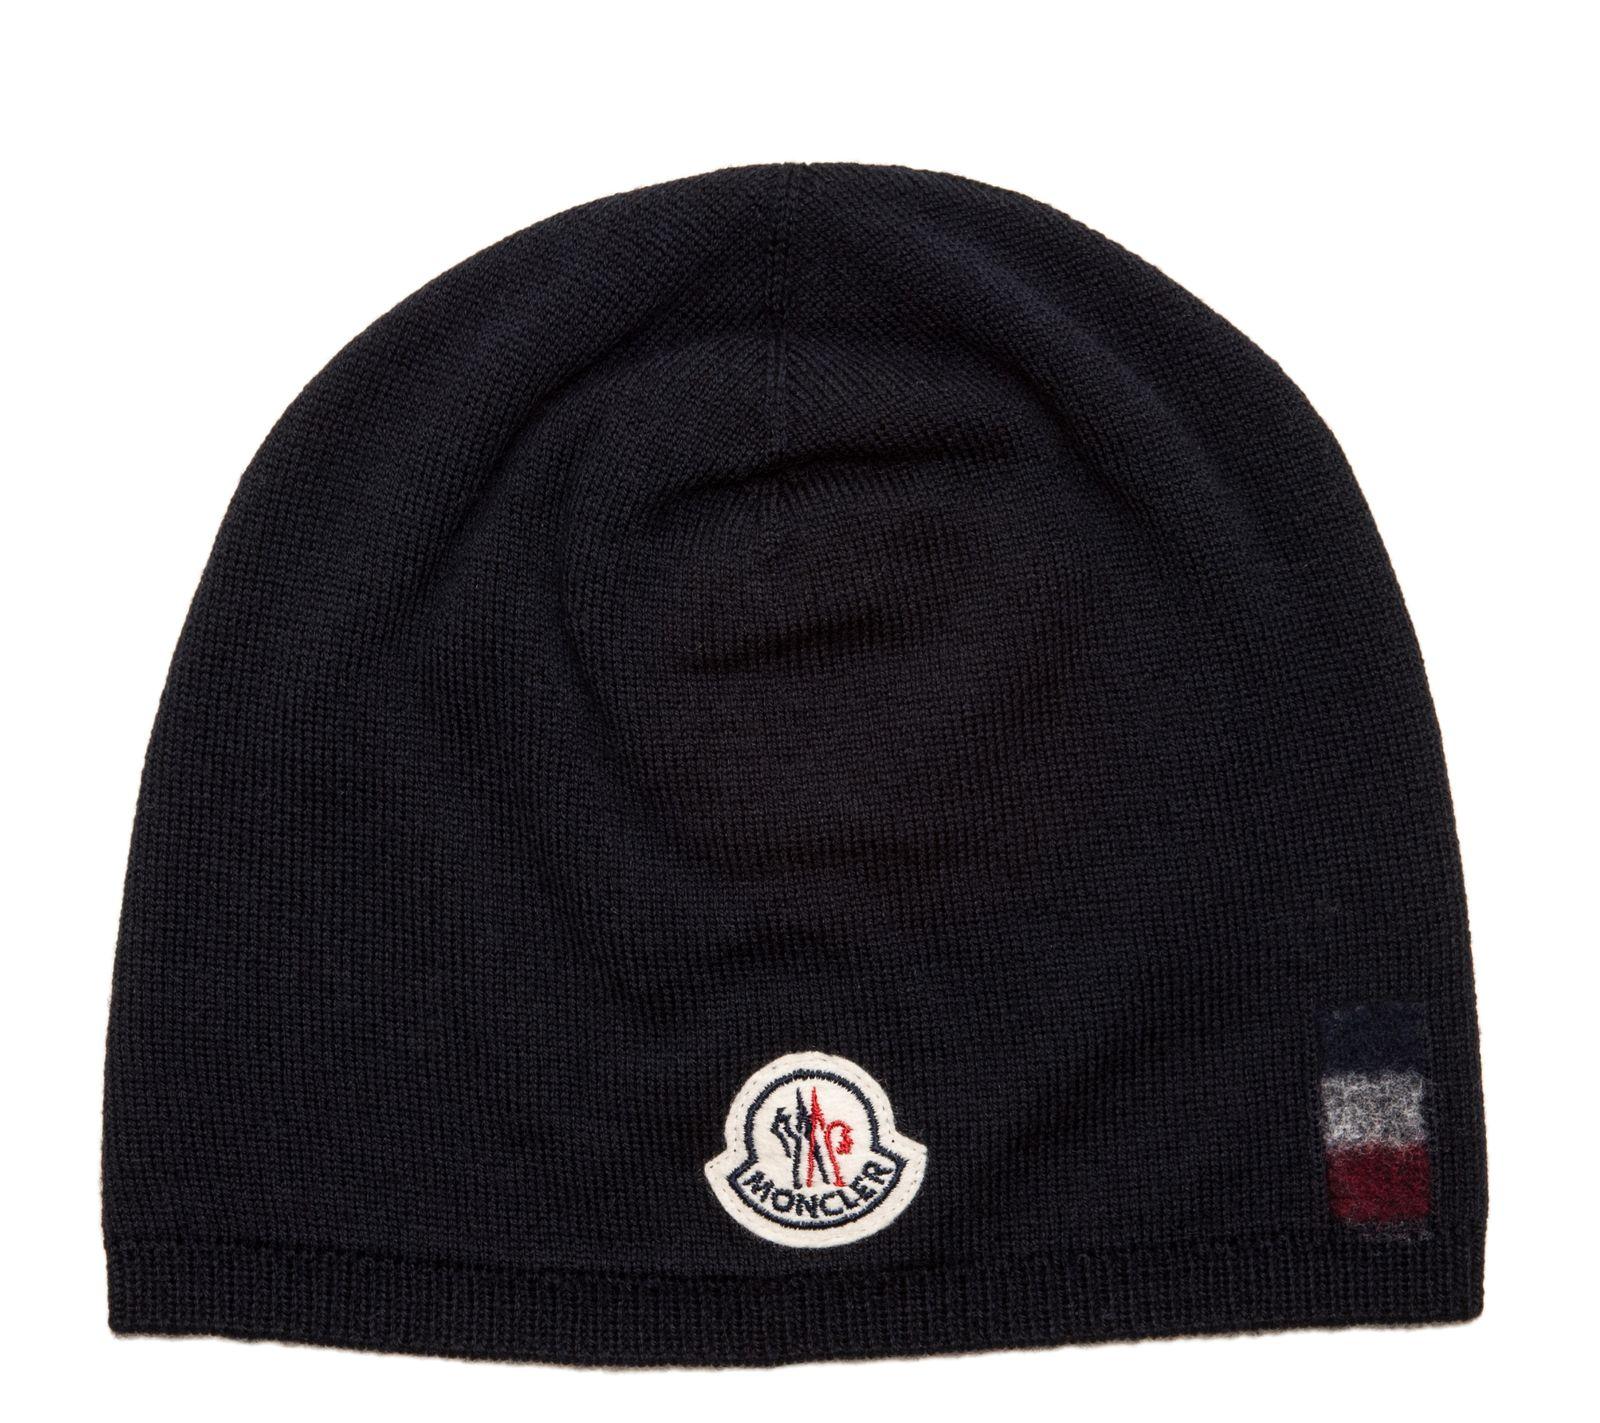 czapka moncler cena